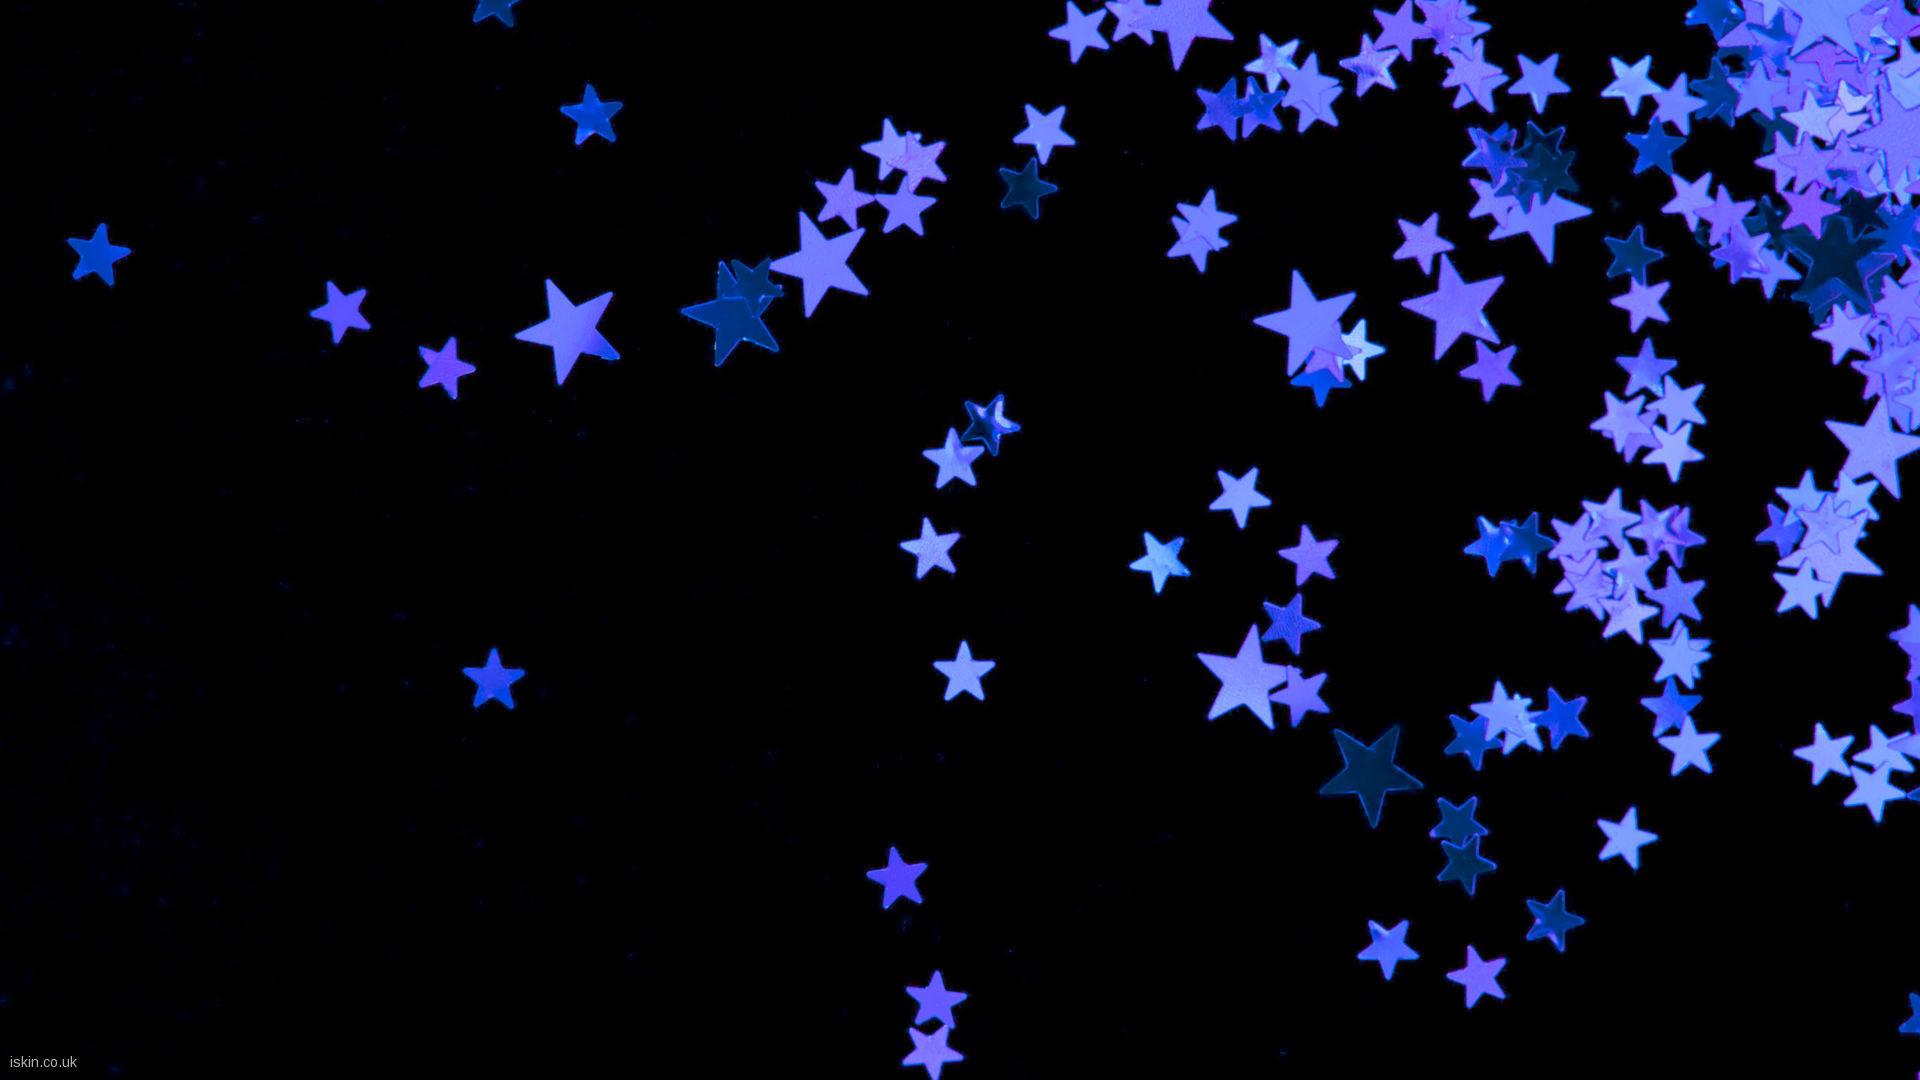 purple stars Desktop Wallpaper | iskin.co.uk